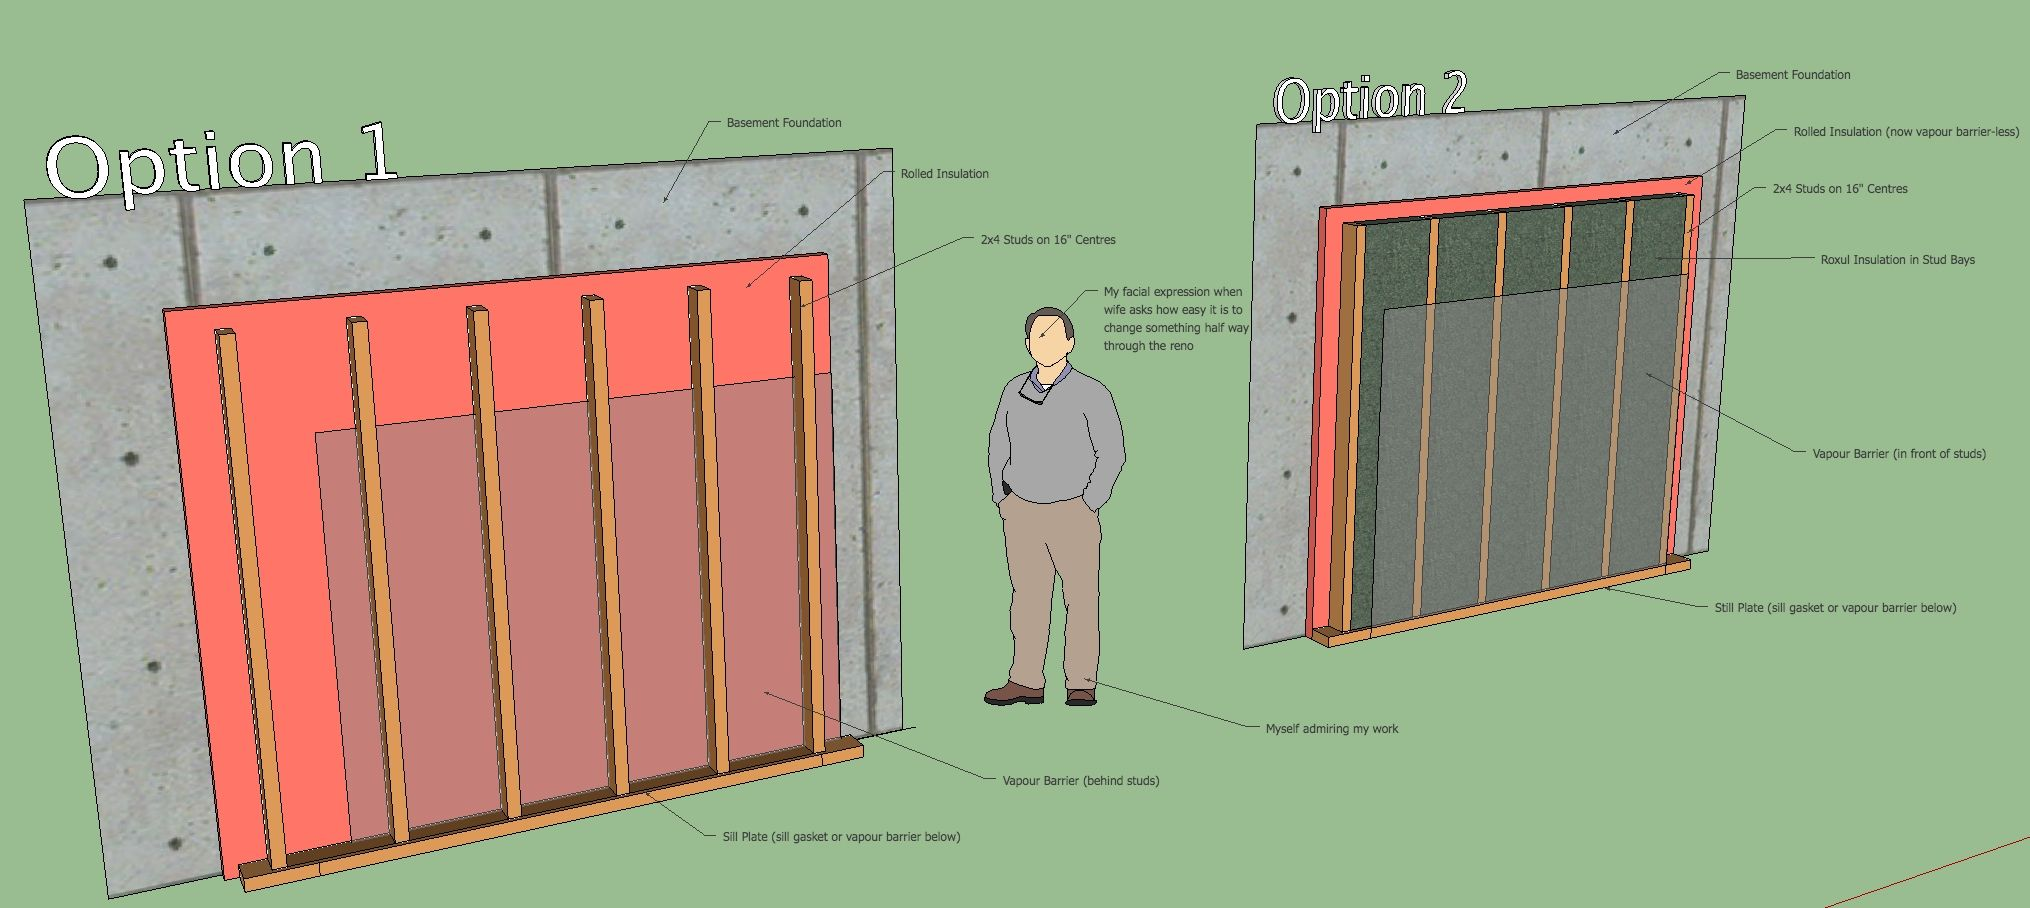 Insulating Basement Walls Vapour Barrier Basement Insulation Insulating Basement Walls Basement Walls